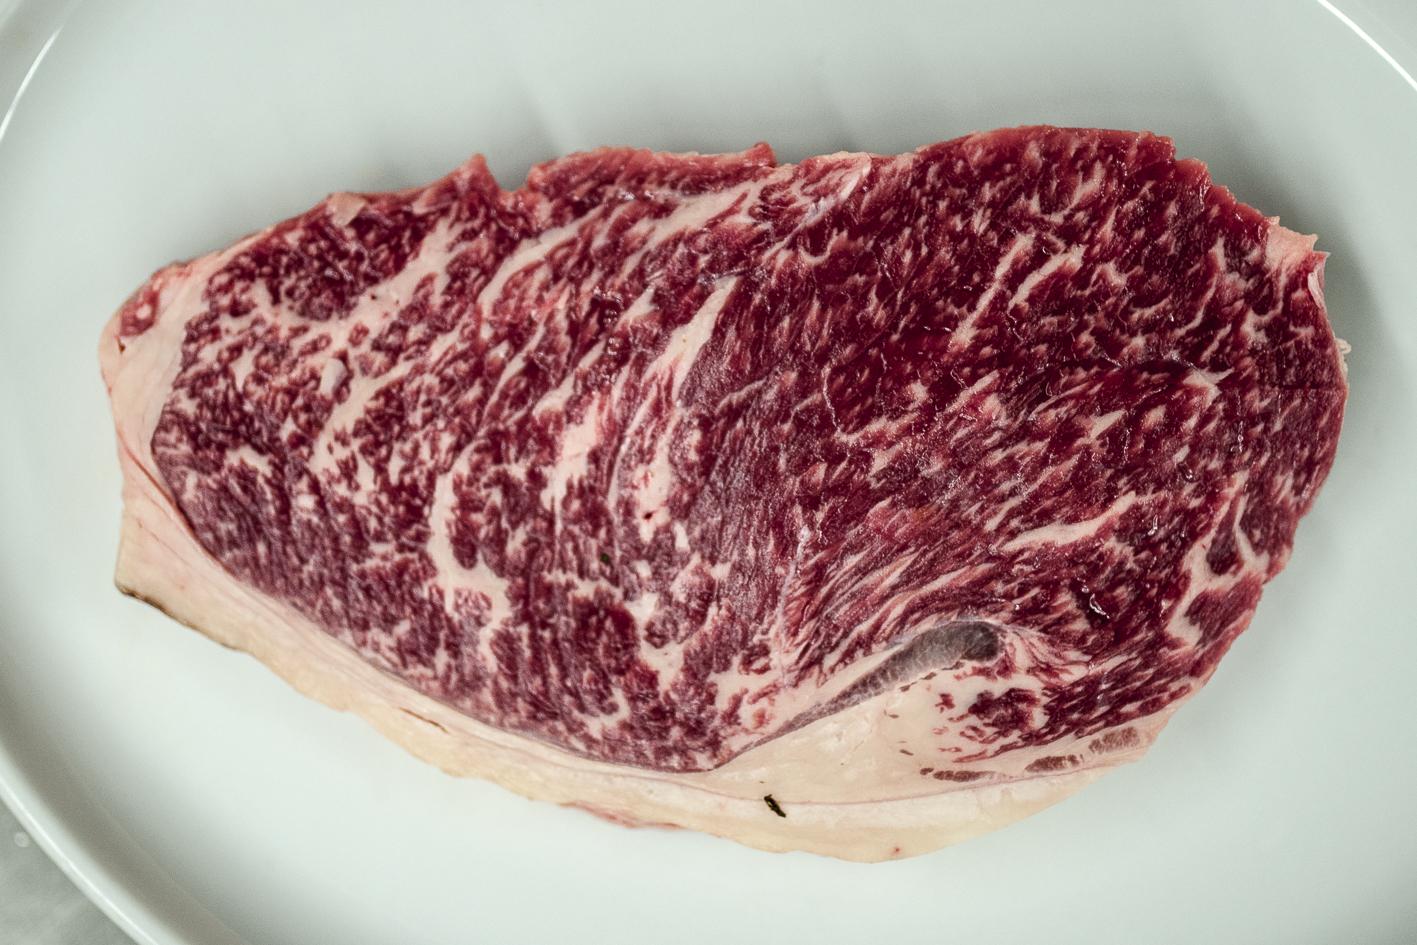 Bio-Fleisch, Gastwirtscahft Floh, Meat love, Tasting_forum, Bio 3.0, #biodreinull, Verkostung